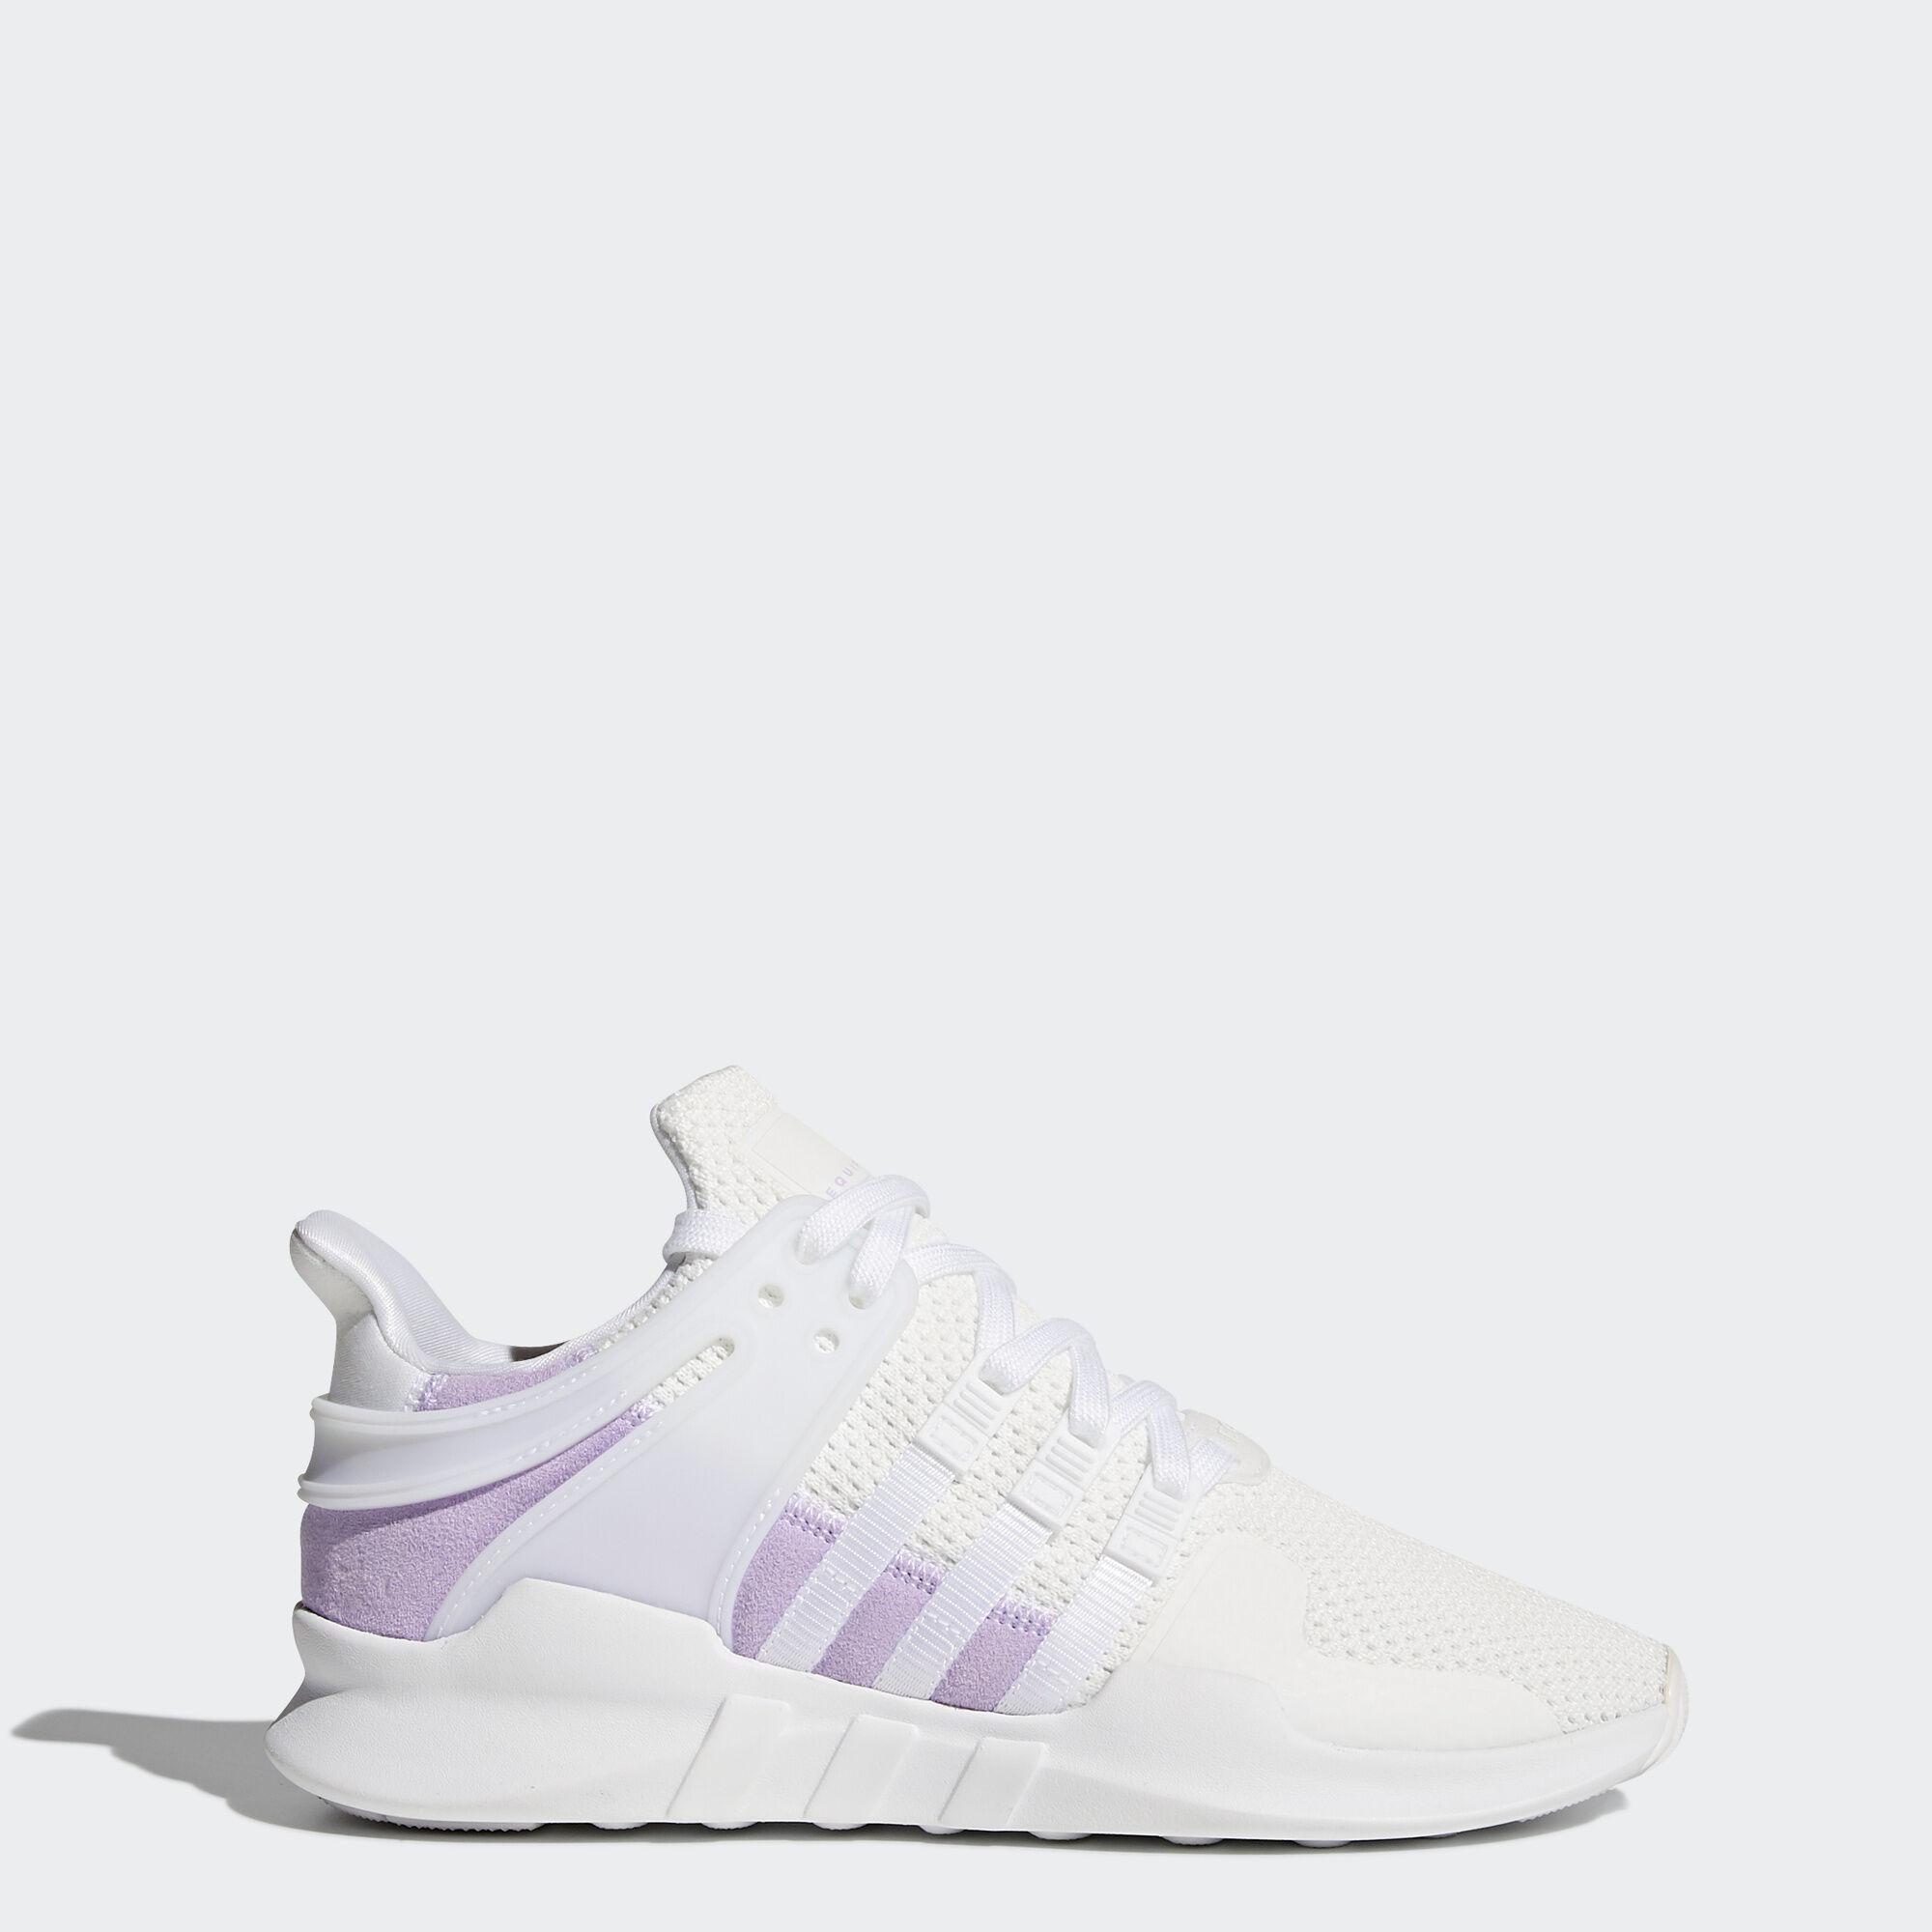 adidas Originals EQT SUPPORT ADV - Zapatillas white/purple glow BNvoRSu